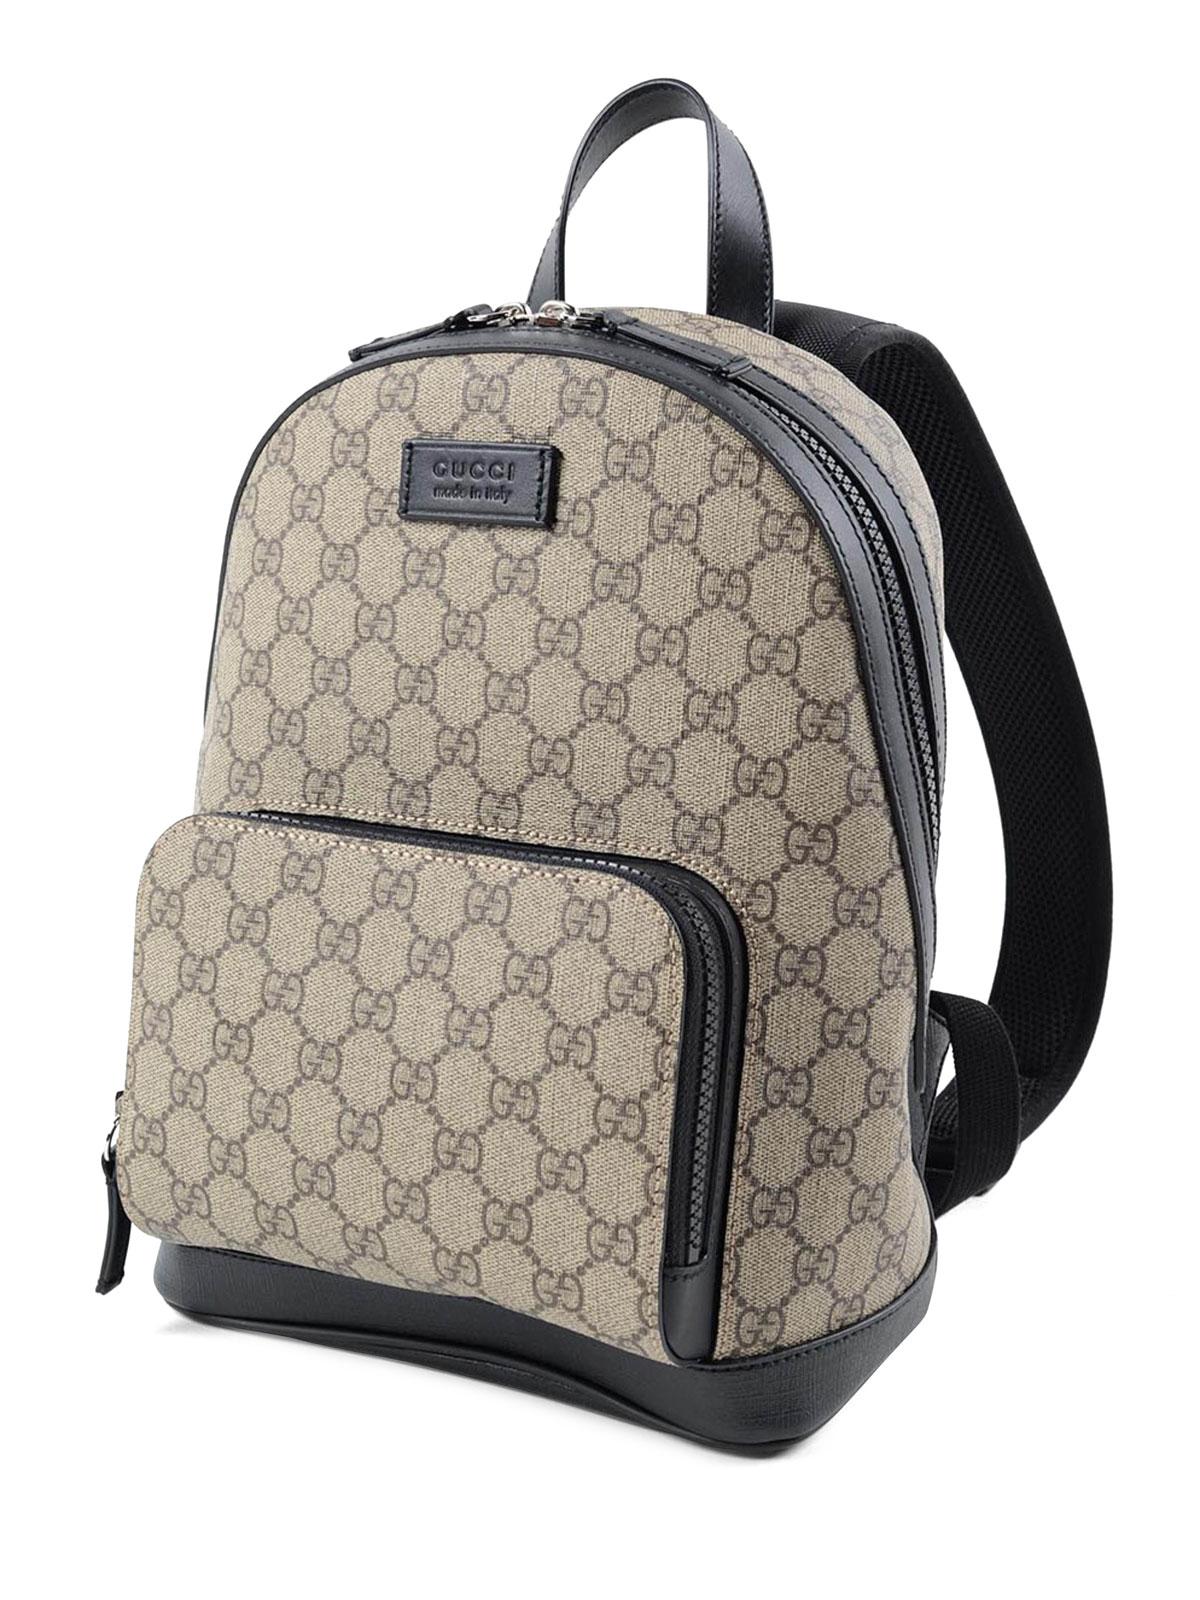 24760ad4fe7e Gucci - GG Supreme canvas backpack - backpacks - 429020 KLQAX 9772